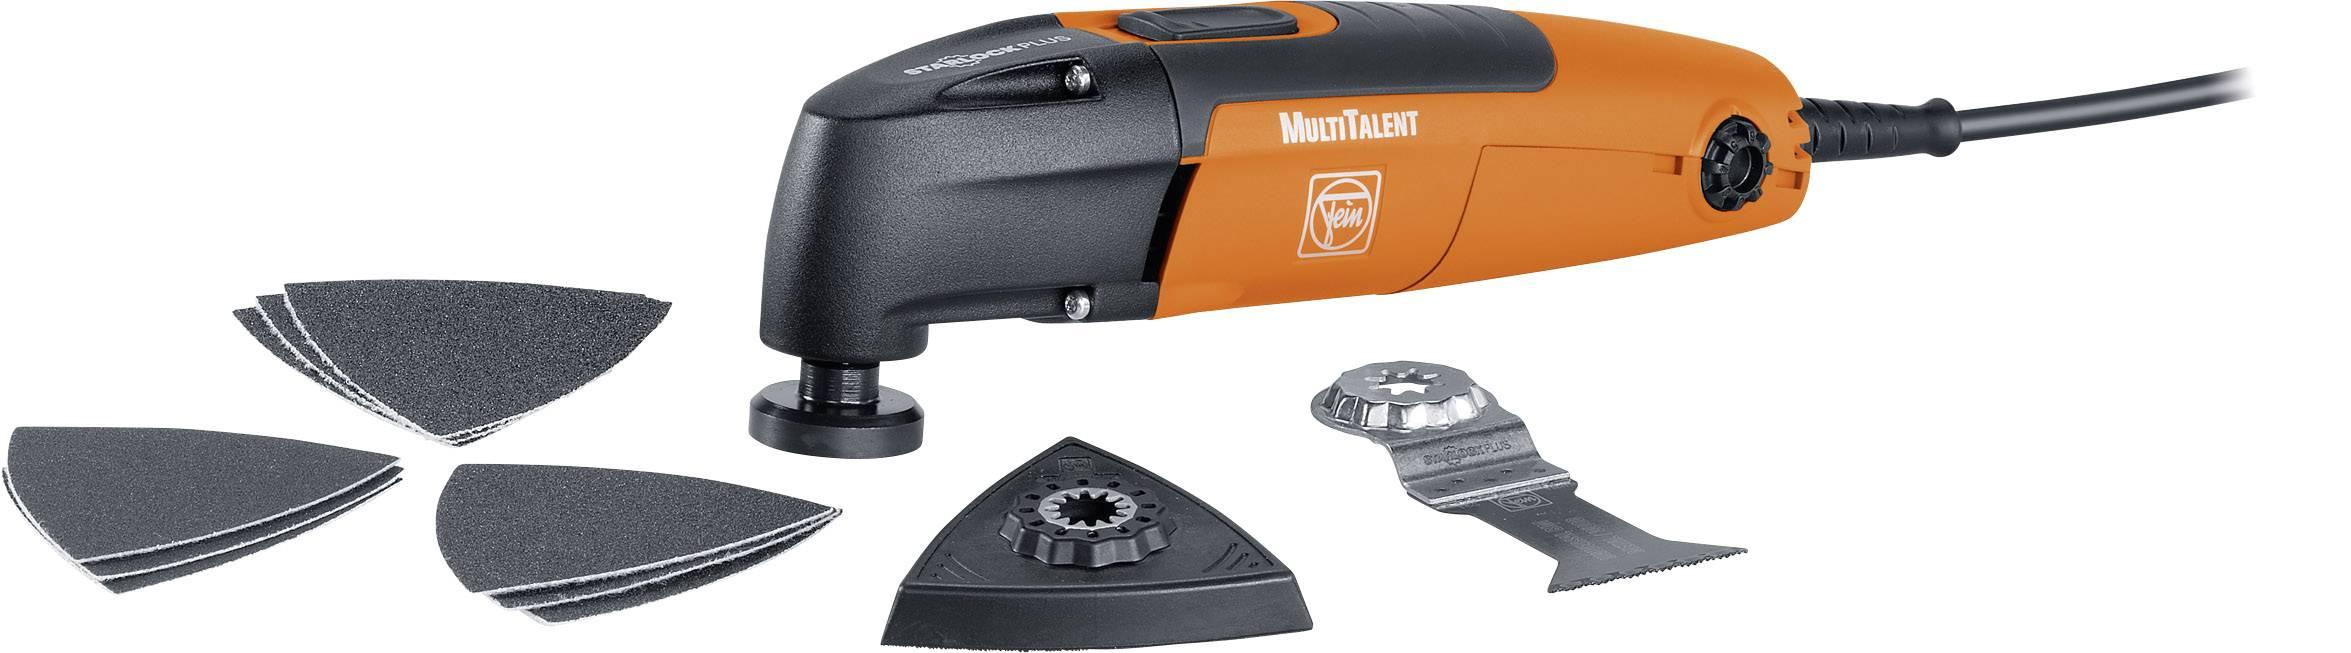 Multifunkční nářadí Fein MultiTalent START FMT 250SL 72295461000, 250 W, vč. příslušenství, kufřík, 12dílná